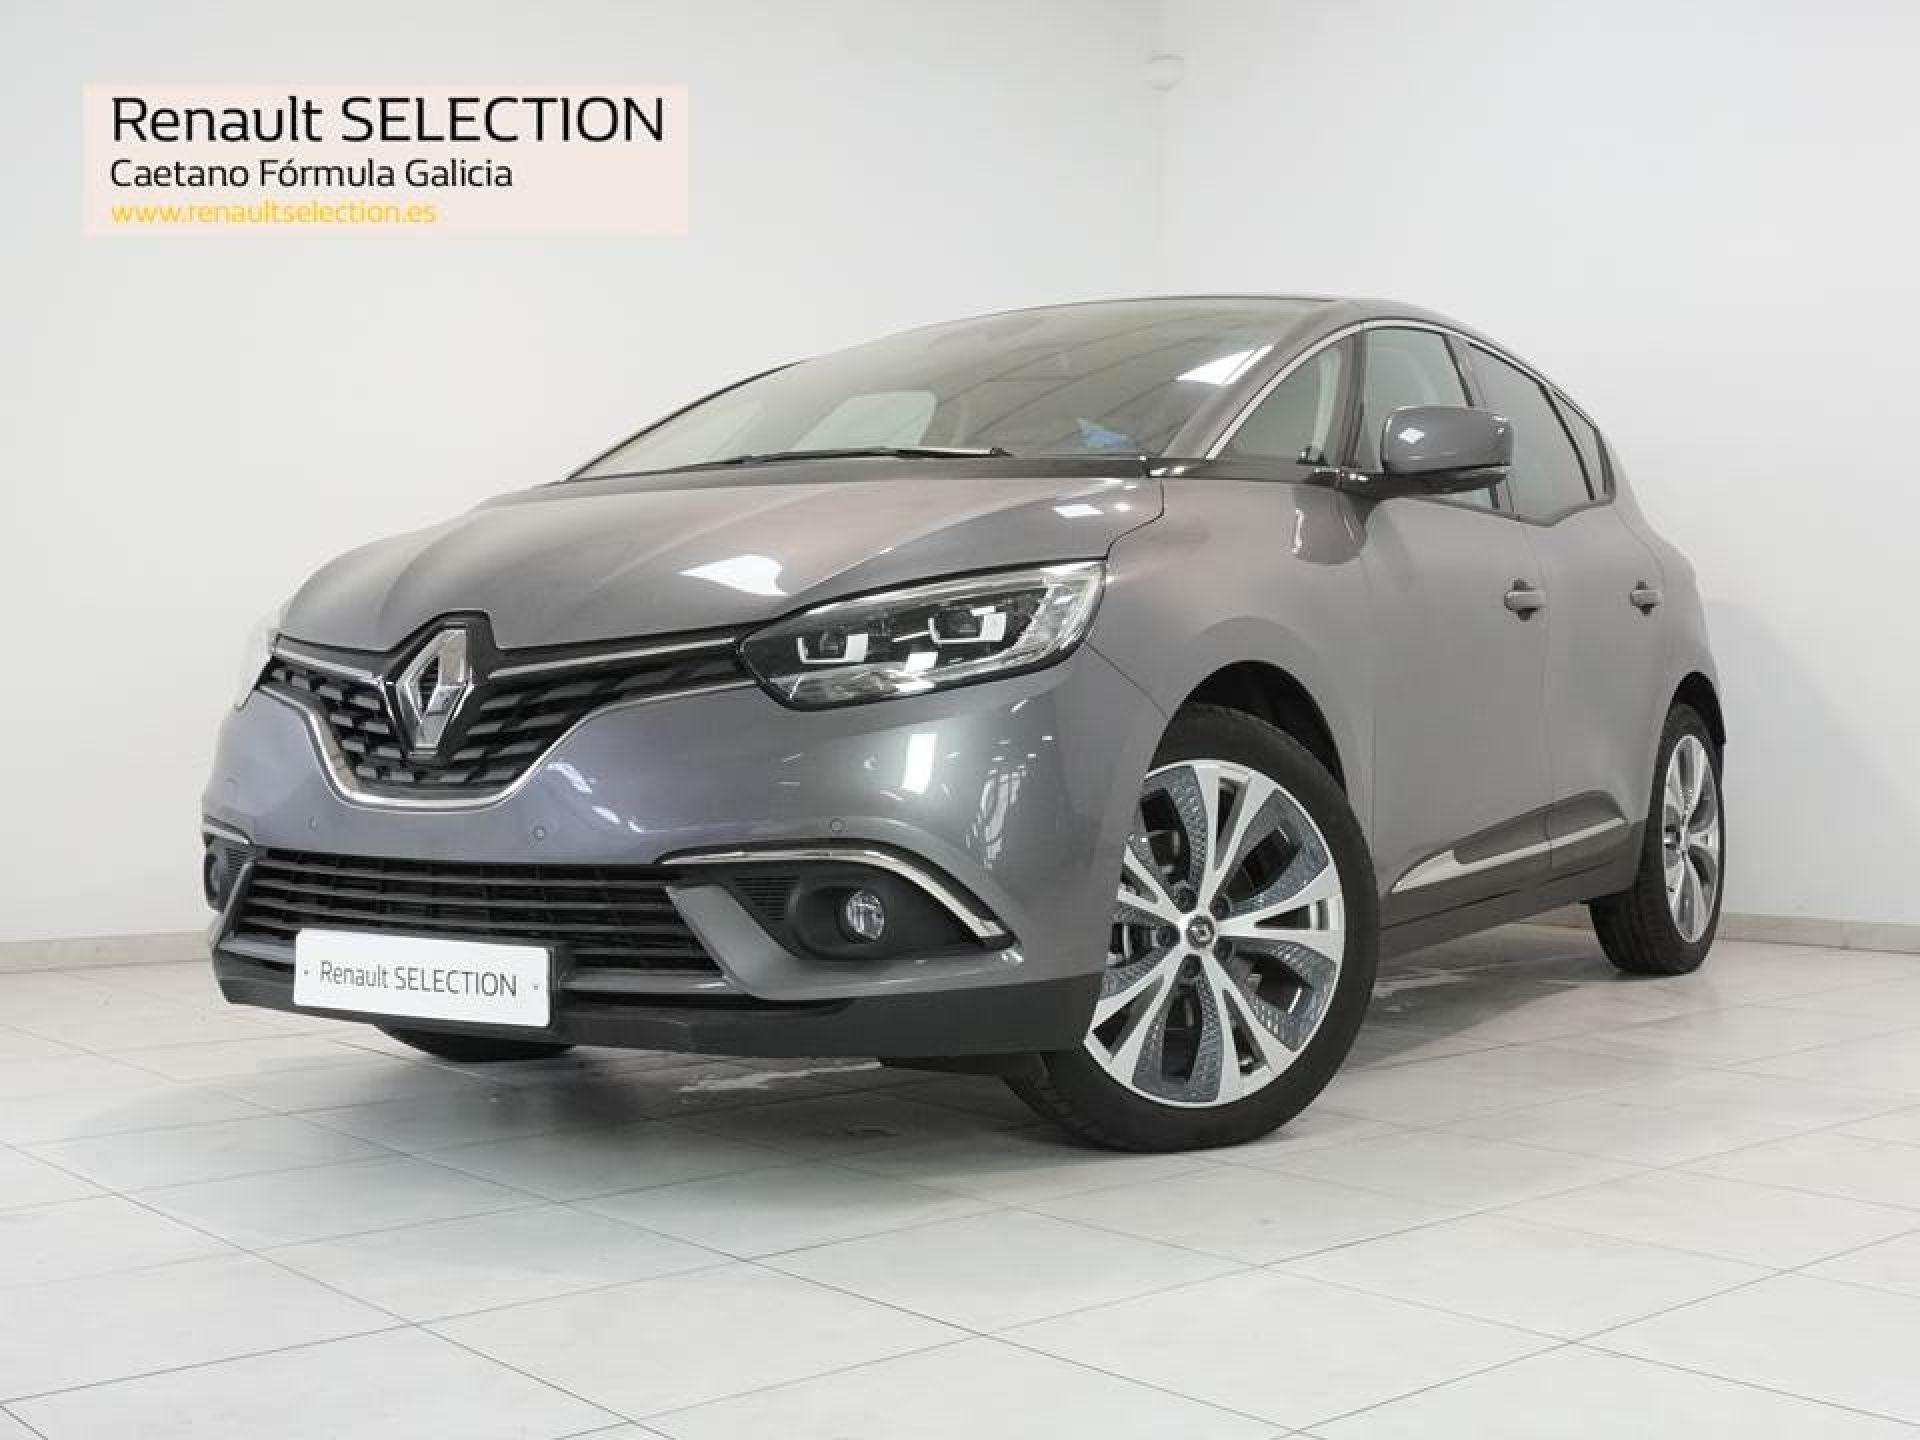 Renault Scenic dCi Zen Blue S&S 110kW segunda mano Pontevedra